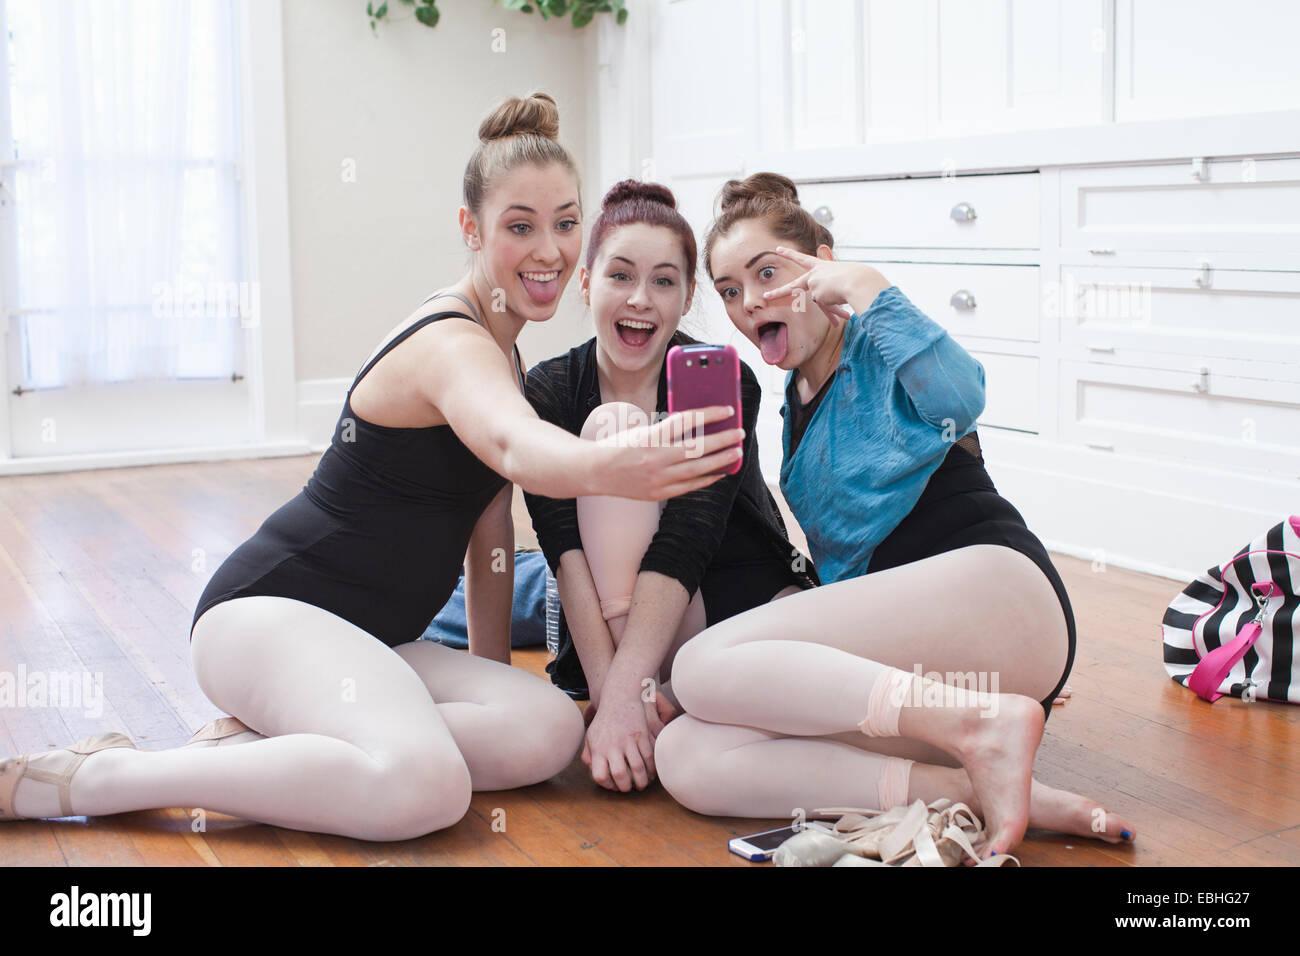 Tre ragazze adolescenti prendendo selfie smartphone nella scuola di danza Immagini Stock